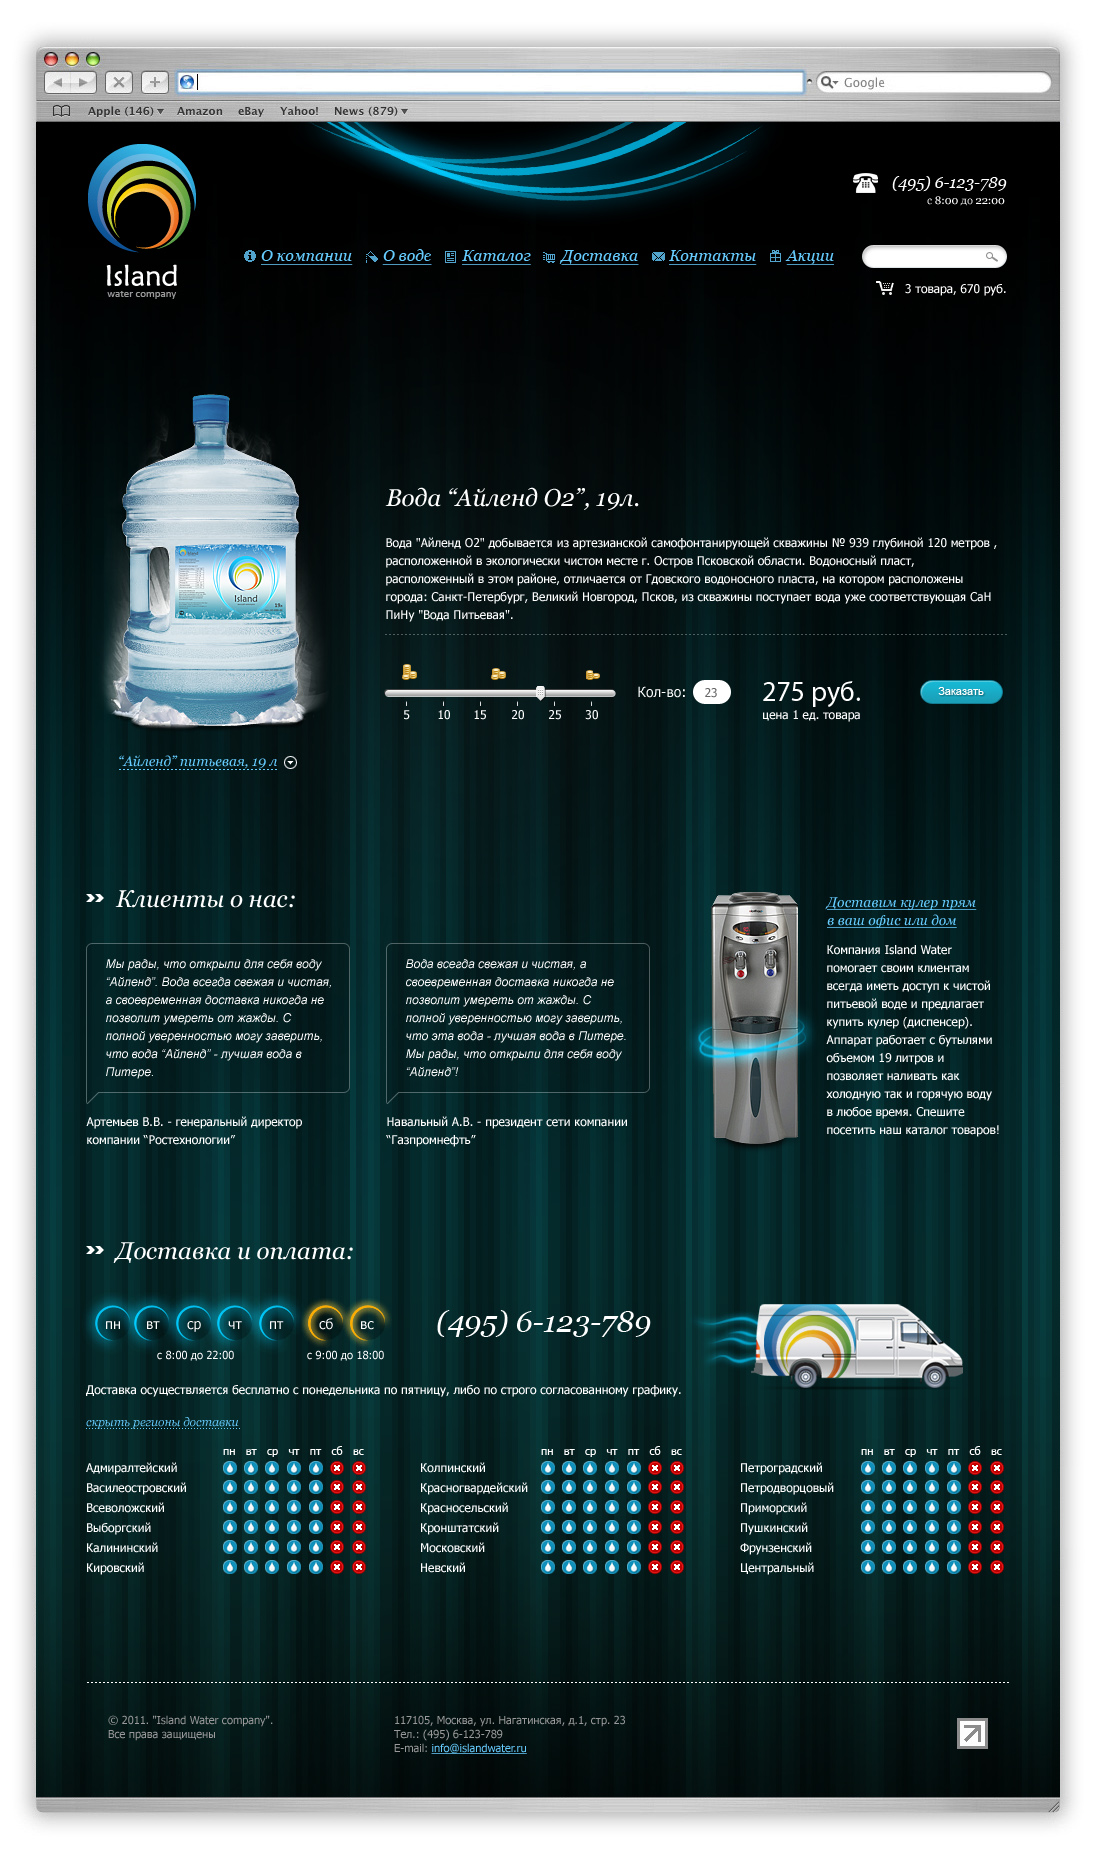 Питьевая вода Island